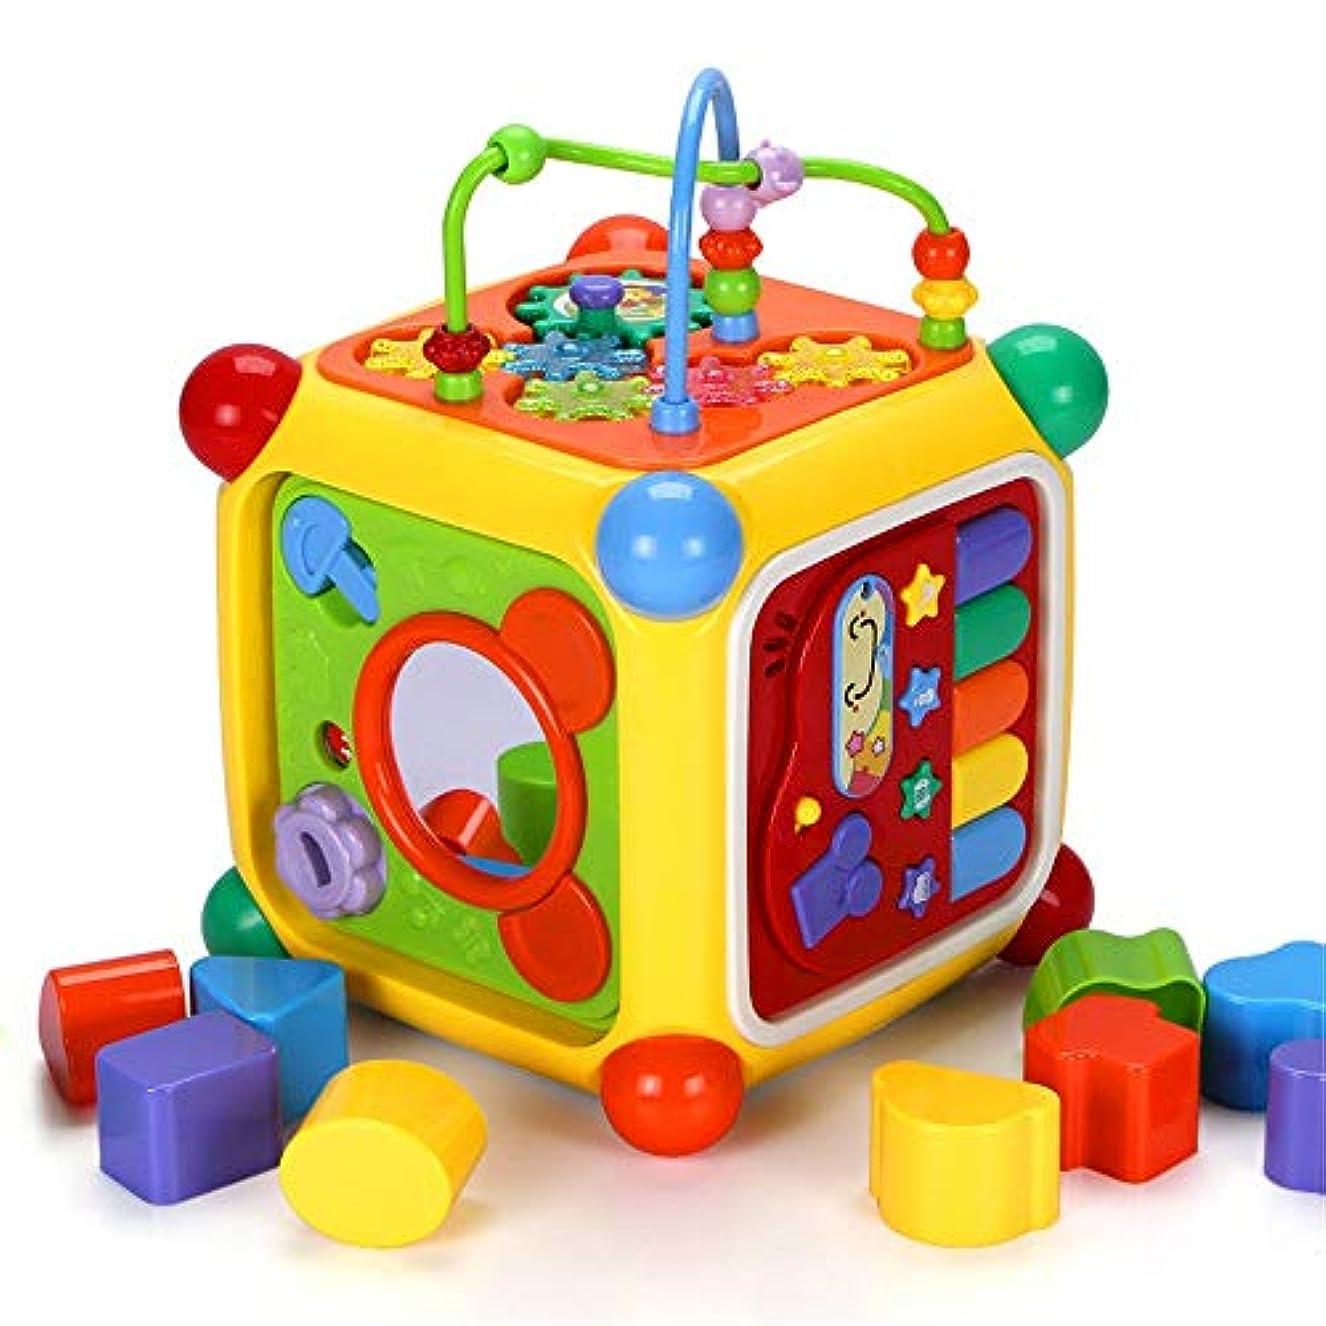 レインコート心配するスーツビーズのおもちゃ 赤ちゃん幼児活動センター音楽活動キューブラーニングセンターおもちゃインタラクティブ教育を再生 (Color : Multi-colored, Size : Free size)